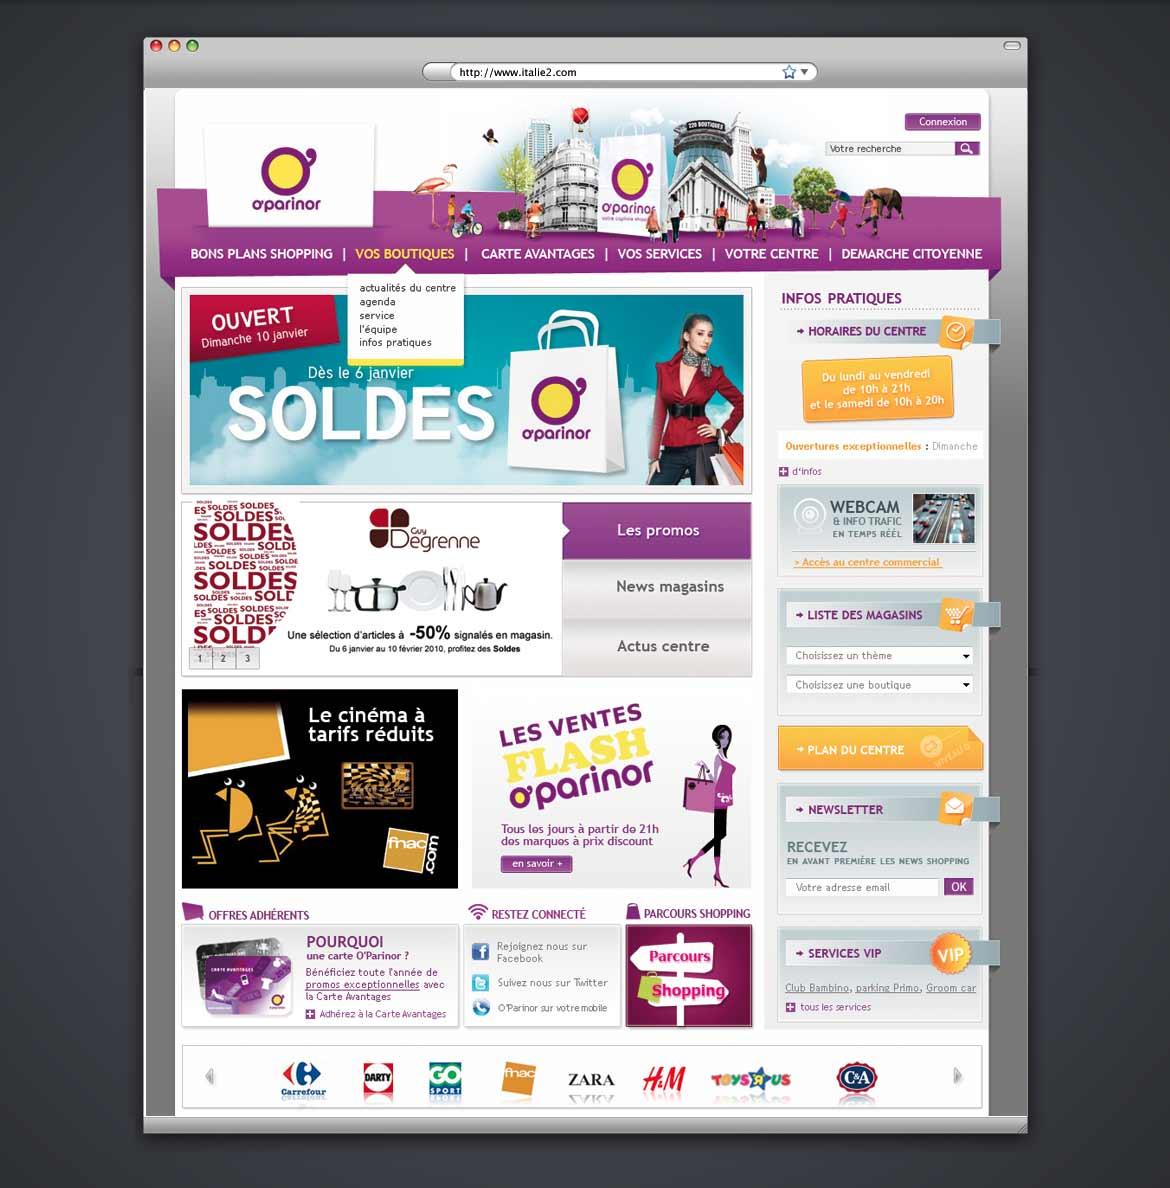 Design du site web du centre commercial O'Parisnor